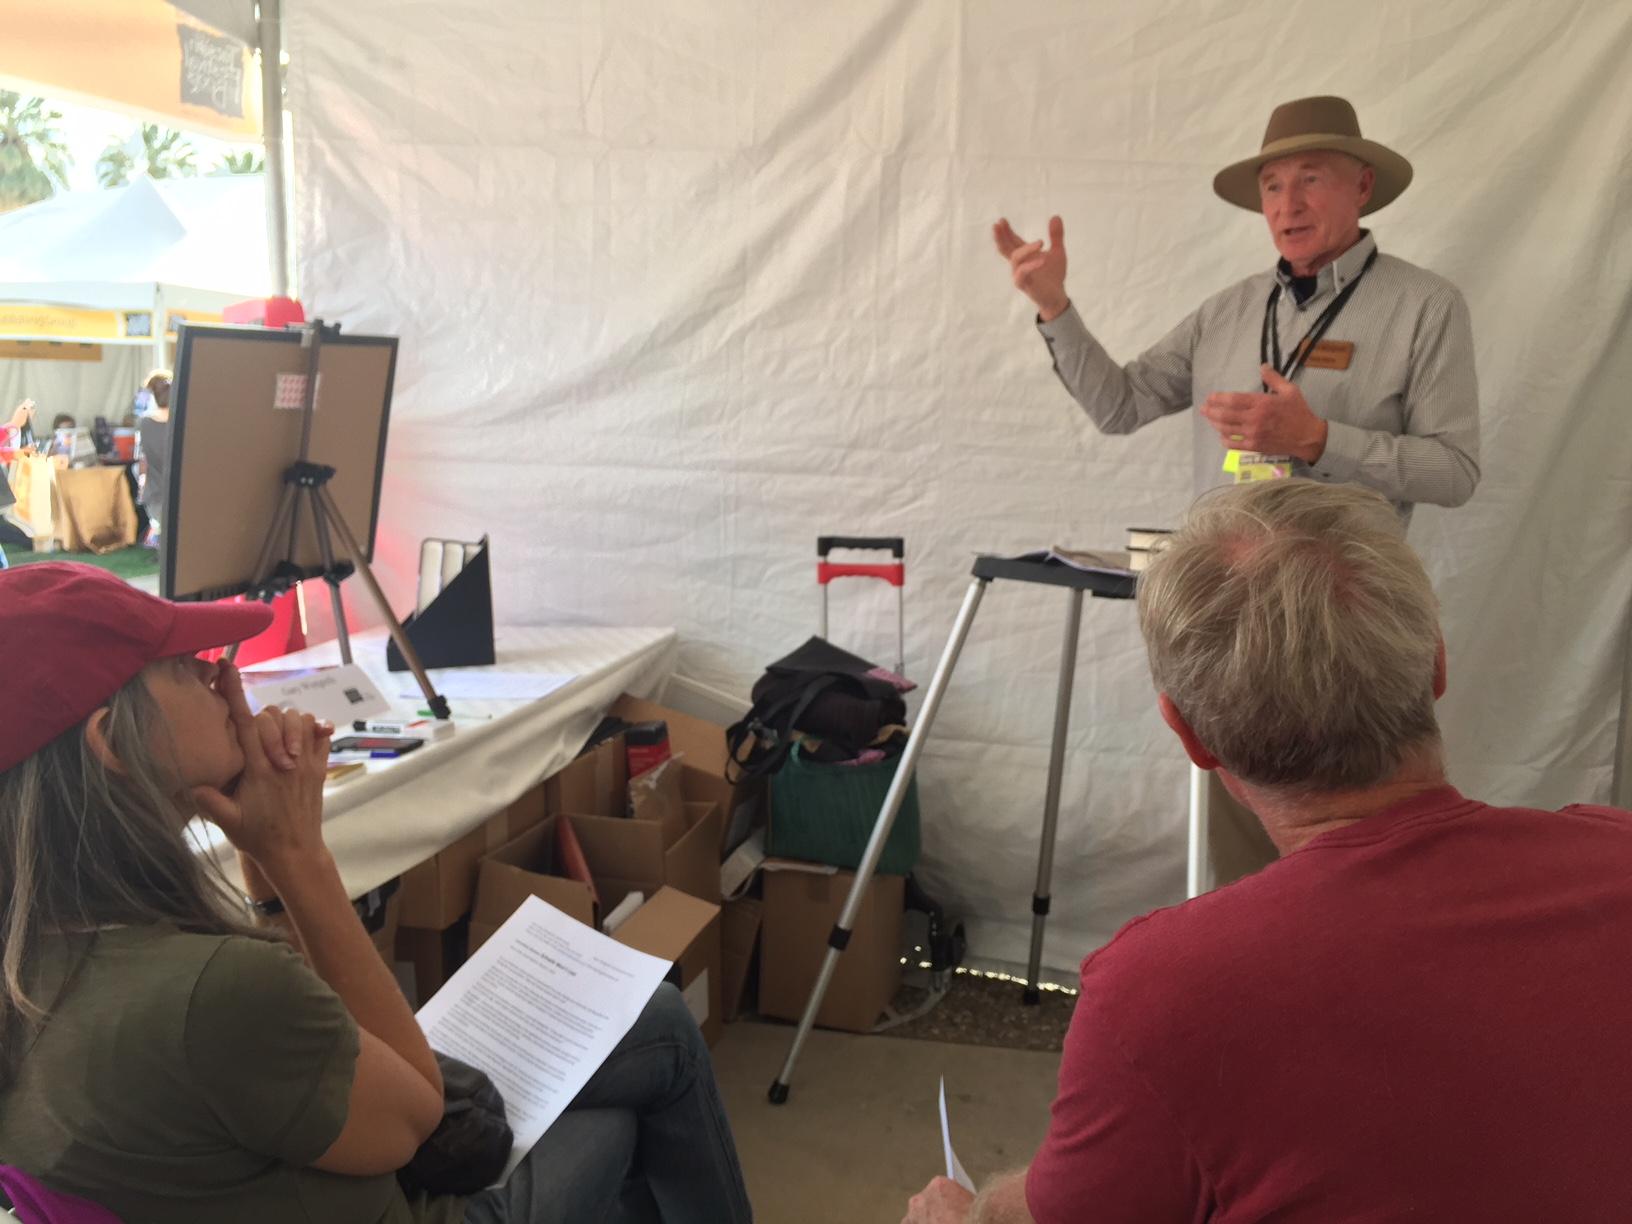 Tucson tent talk 1 031118.JPG